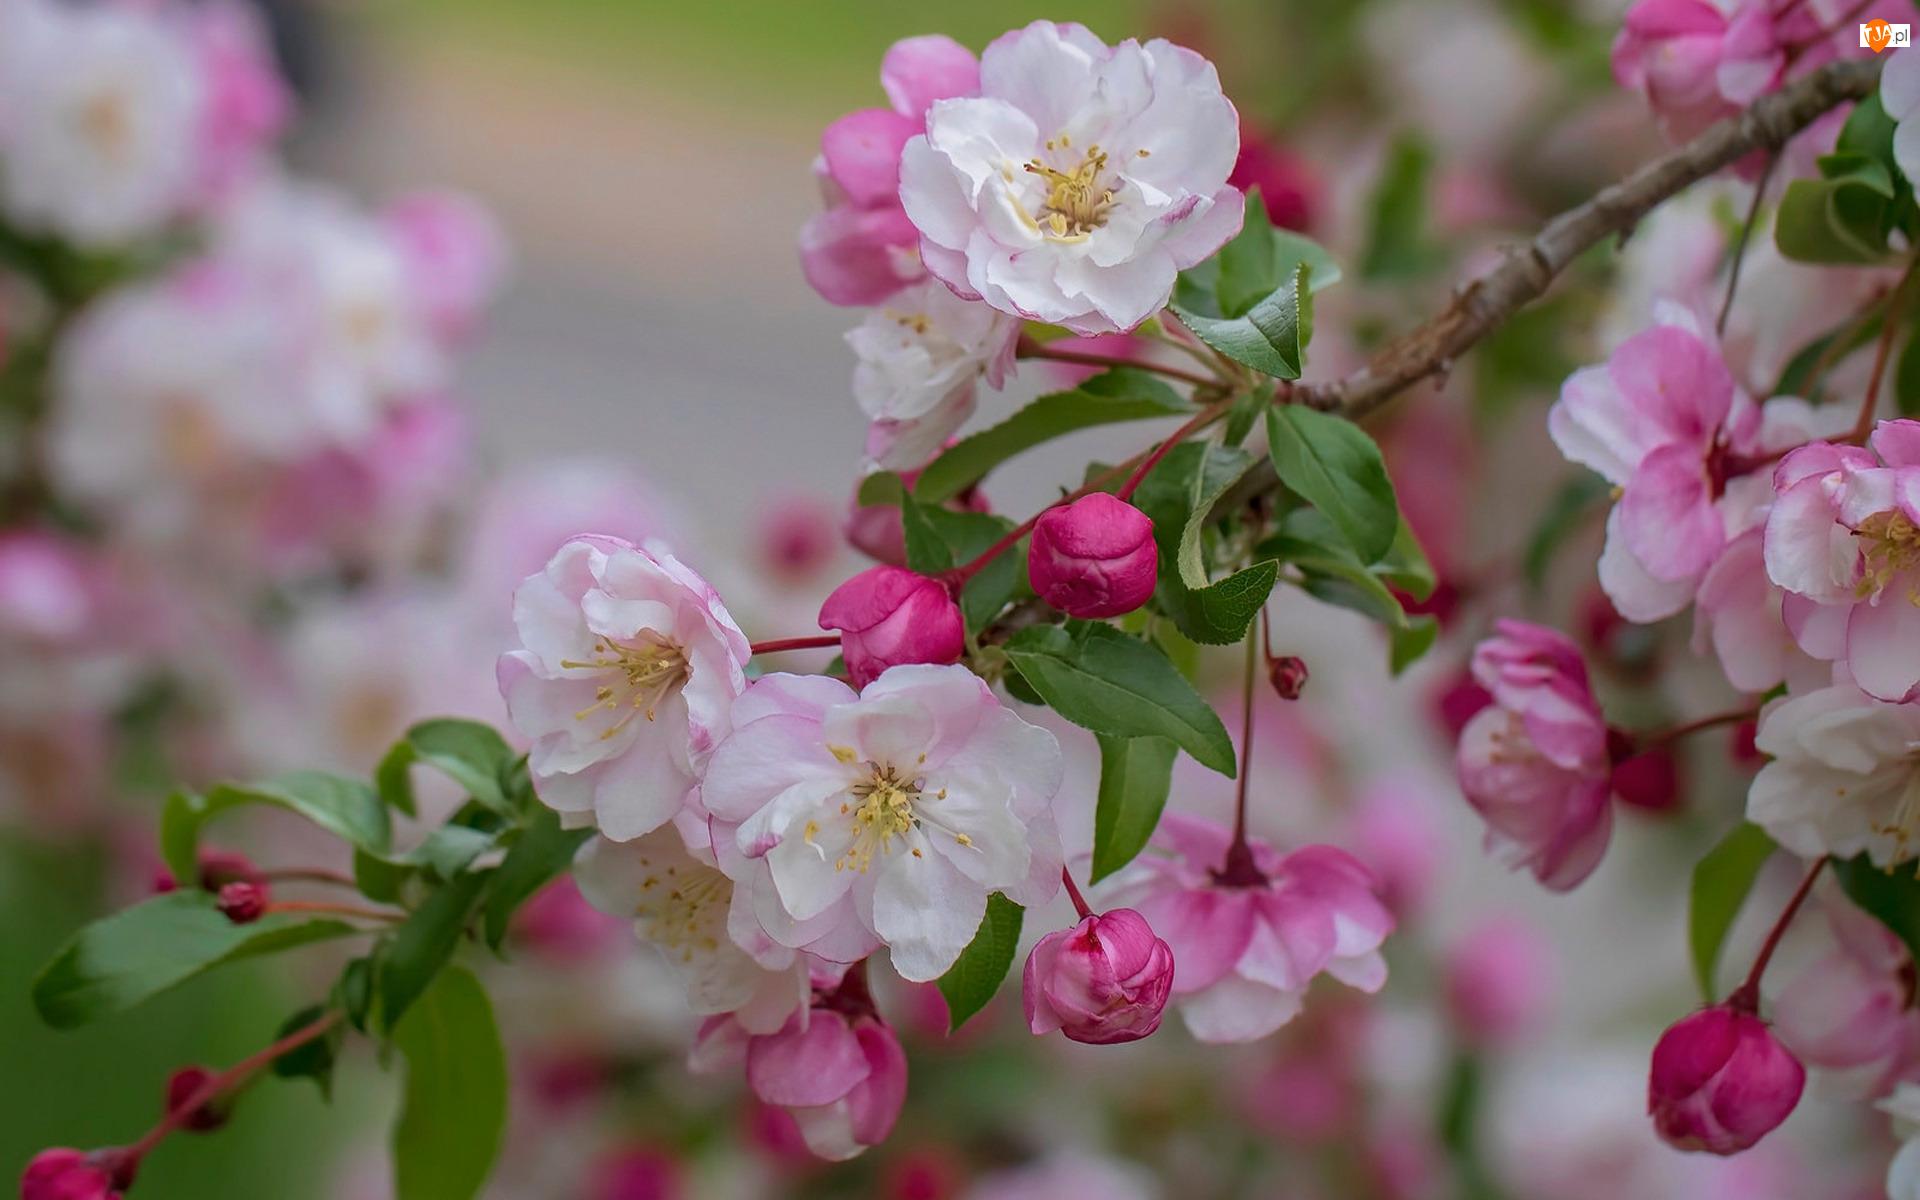 Gałązka, Kwiaty, Jabłoń, Drzewo owocowe, Biało-różowe